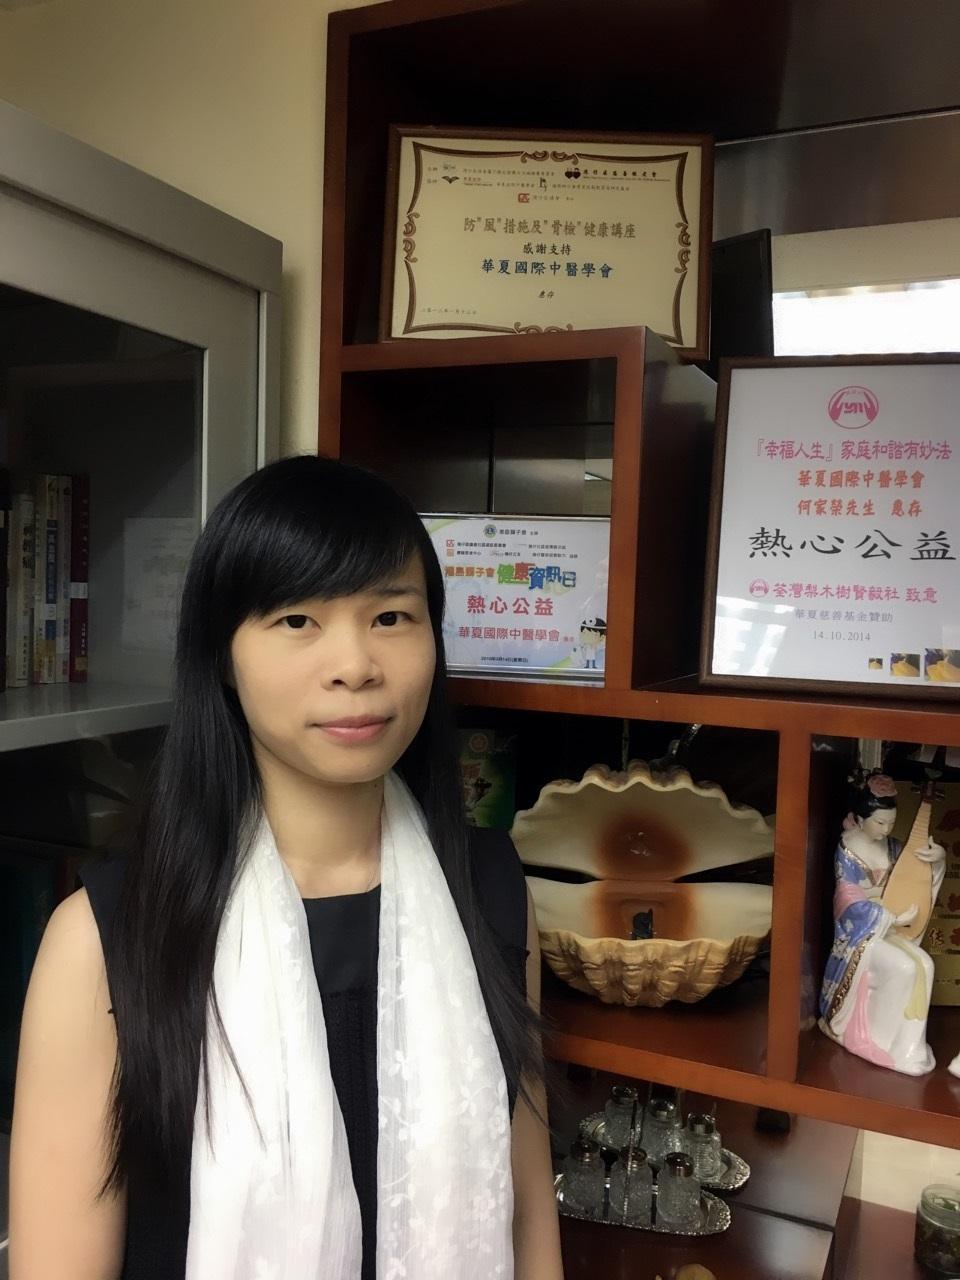 華夏國際中醫學會課程發展主任梁妙琚